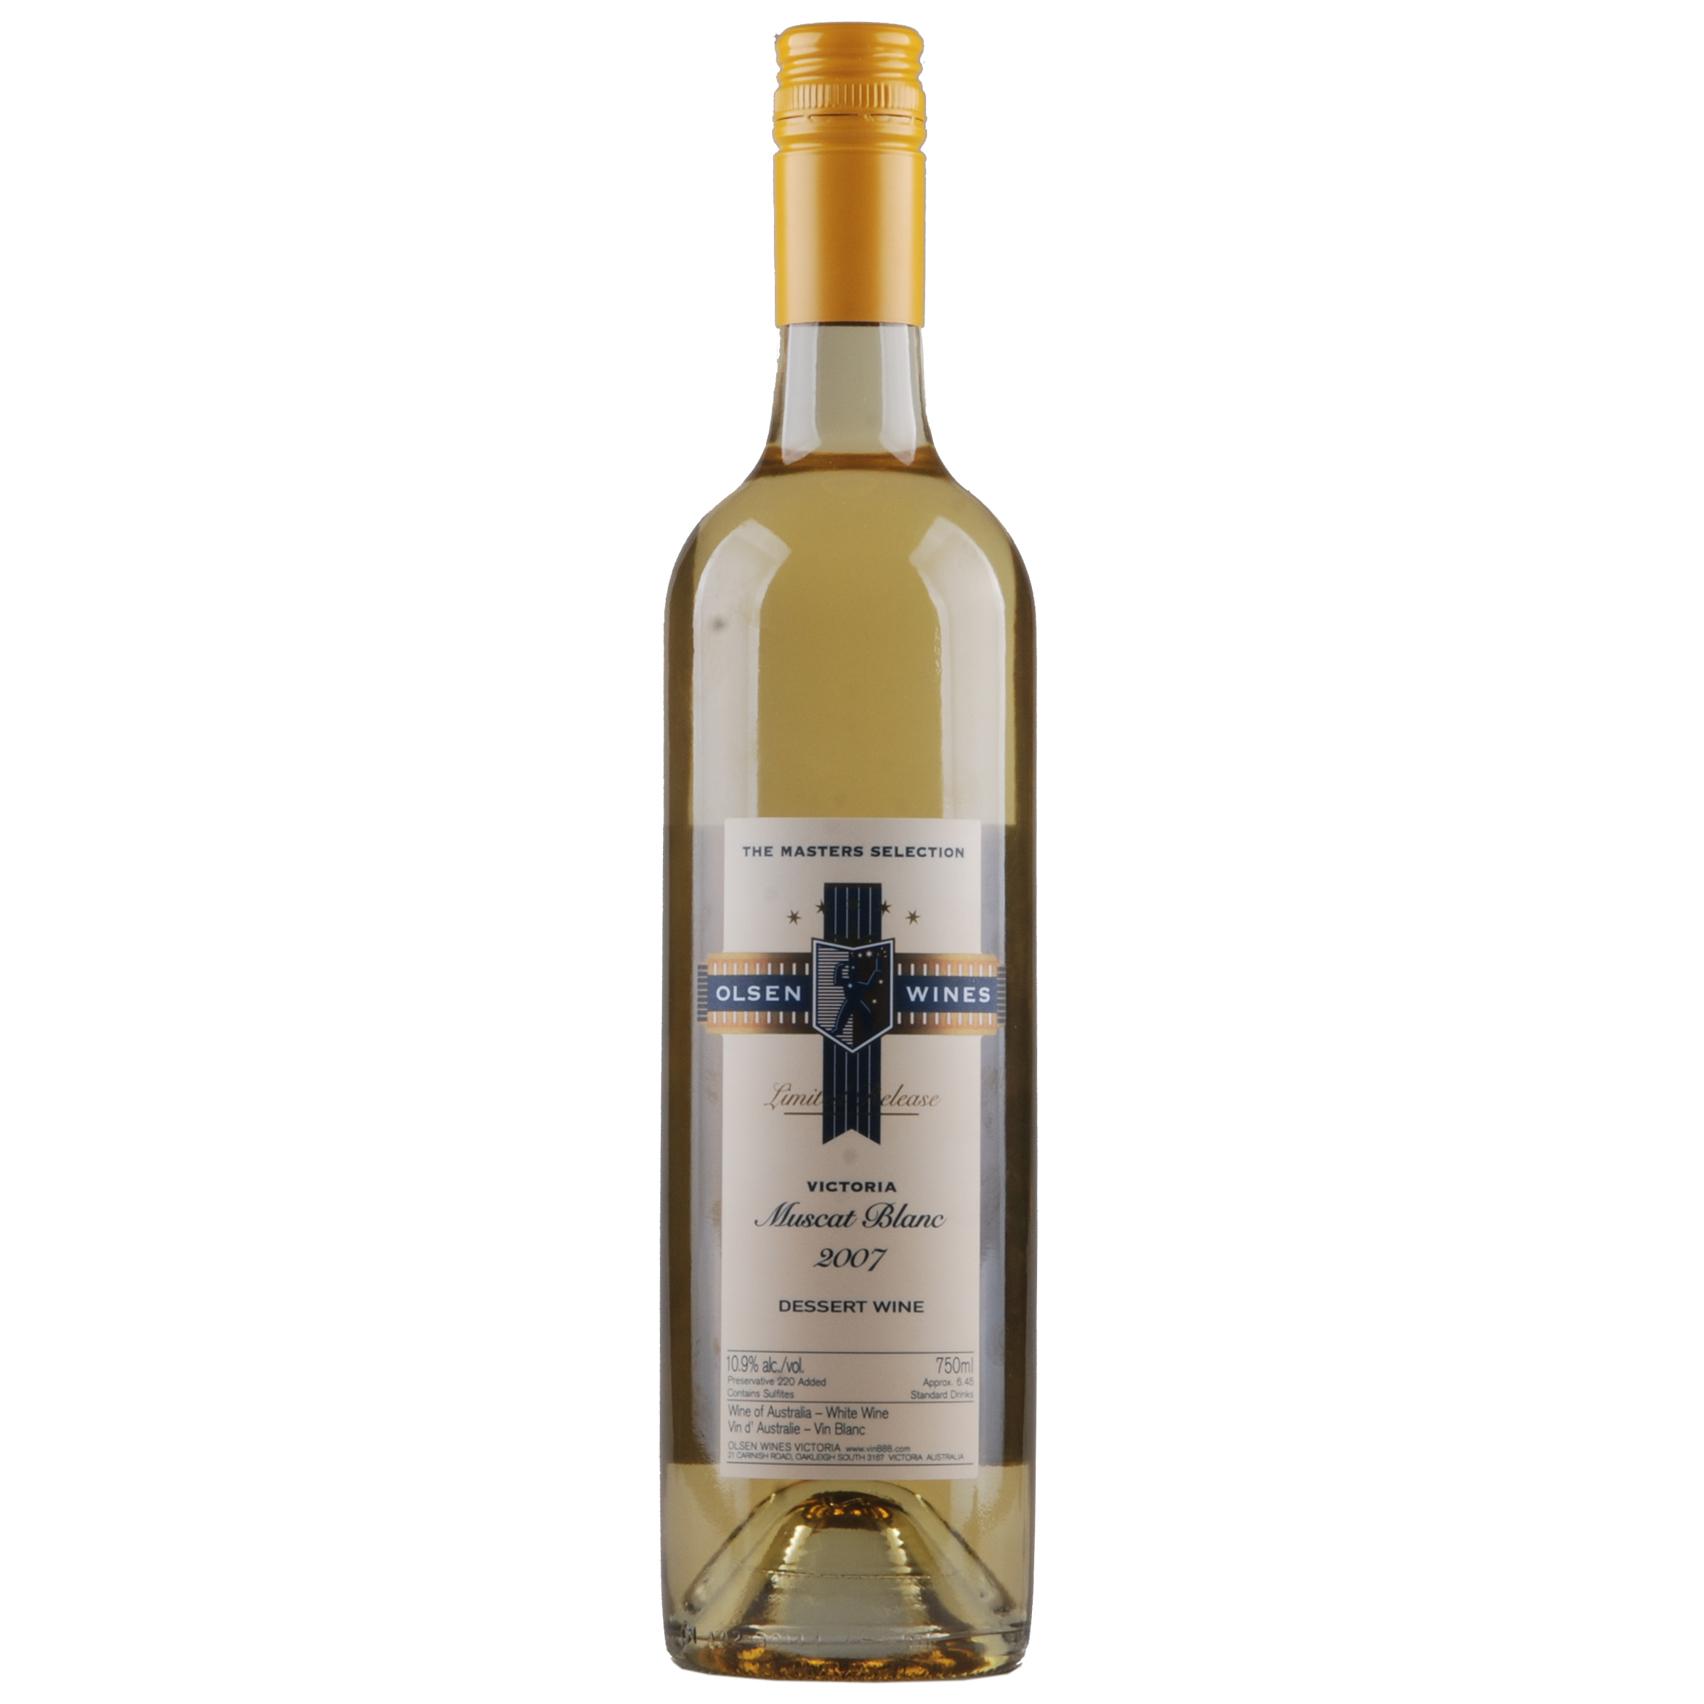 特价 红酒 澳大利亚原瓶进口红酒 澳圣 麝香甜白葡萄酒 白葡萄酒